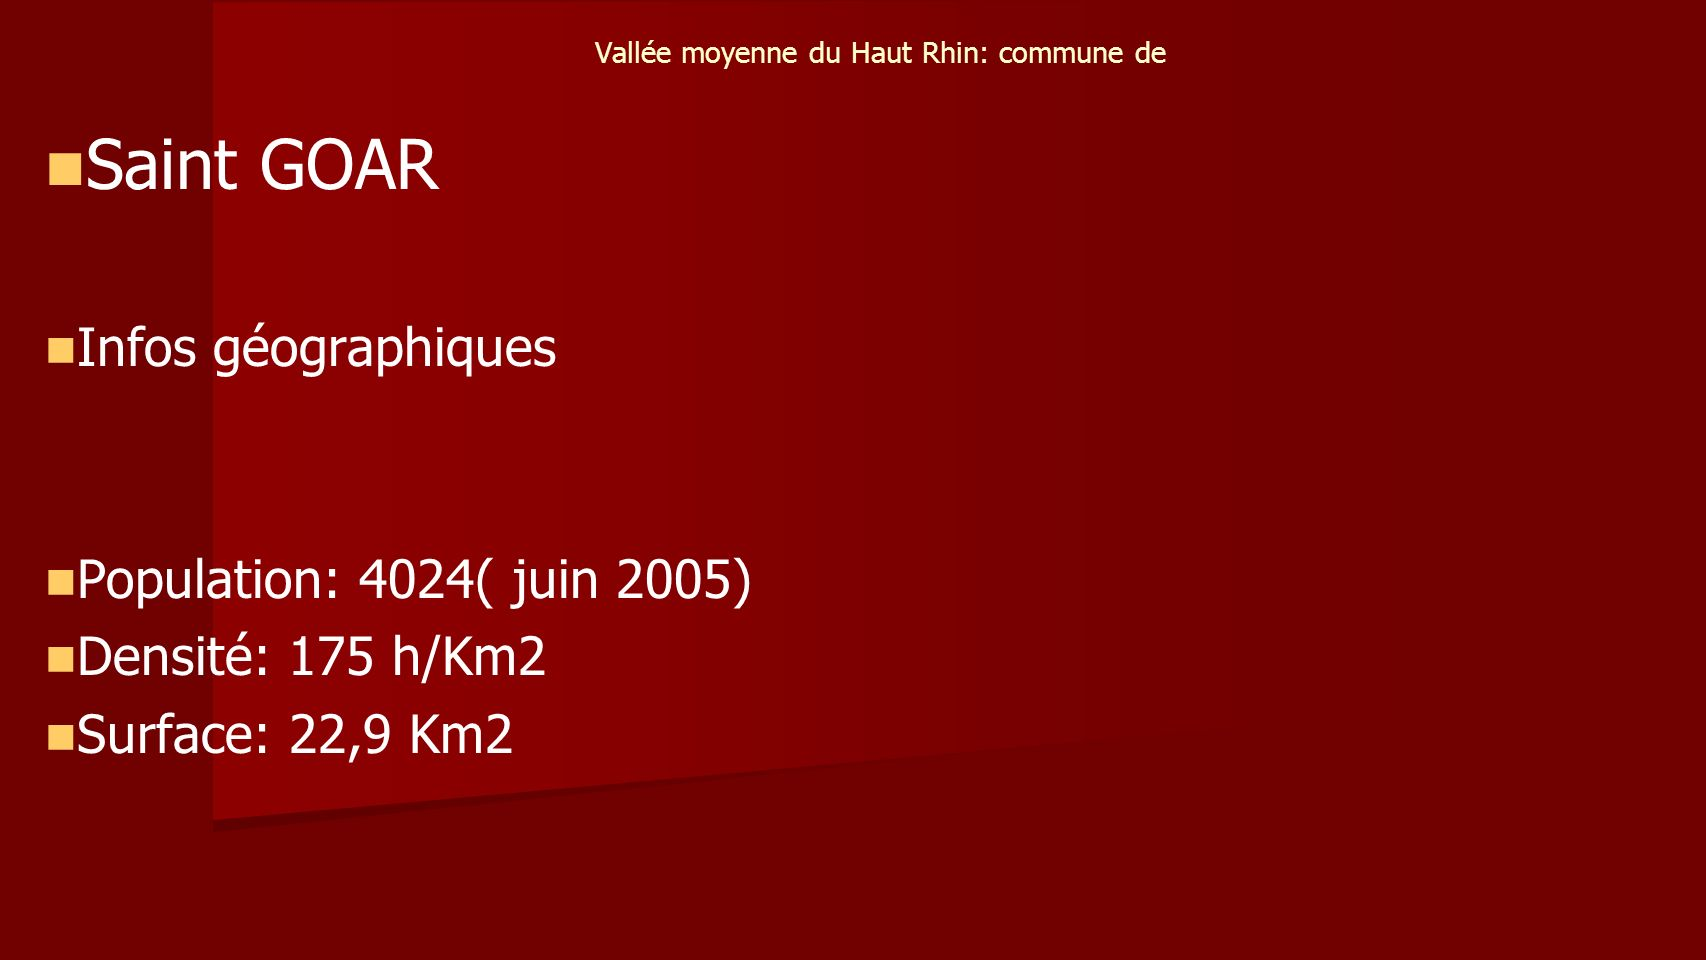 Vallée moyenne du Haut Rhin: commune de Saint GOAR Infos géographiques Population: 4024( juin 2005) Densité: 175 h/Km2 Surface: 22,9 Km2